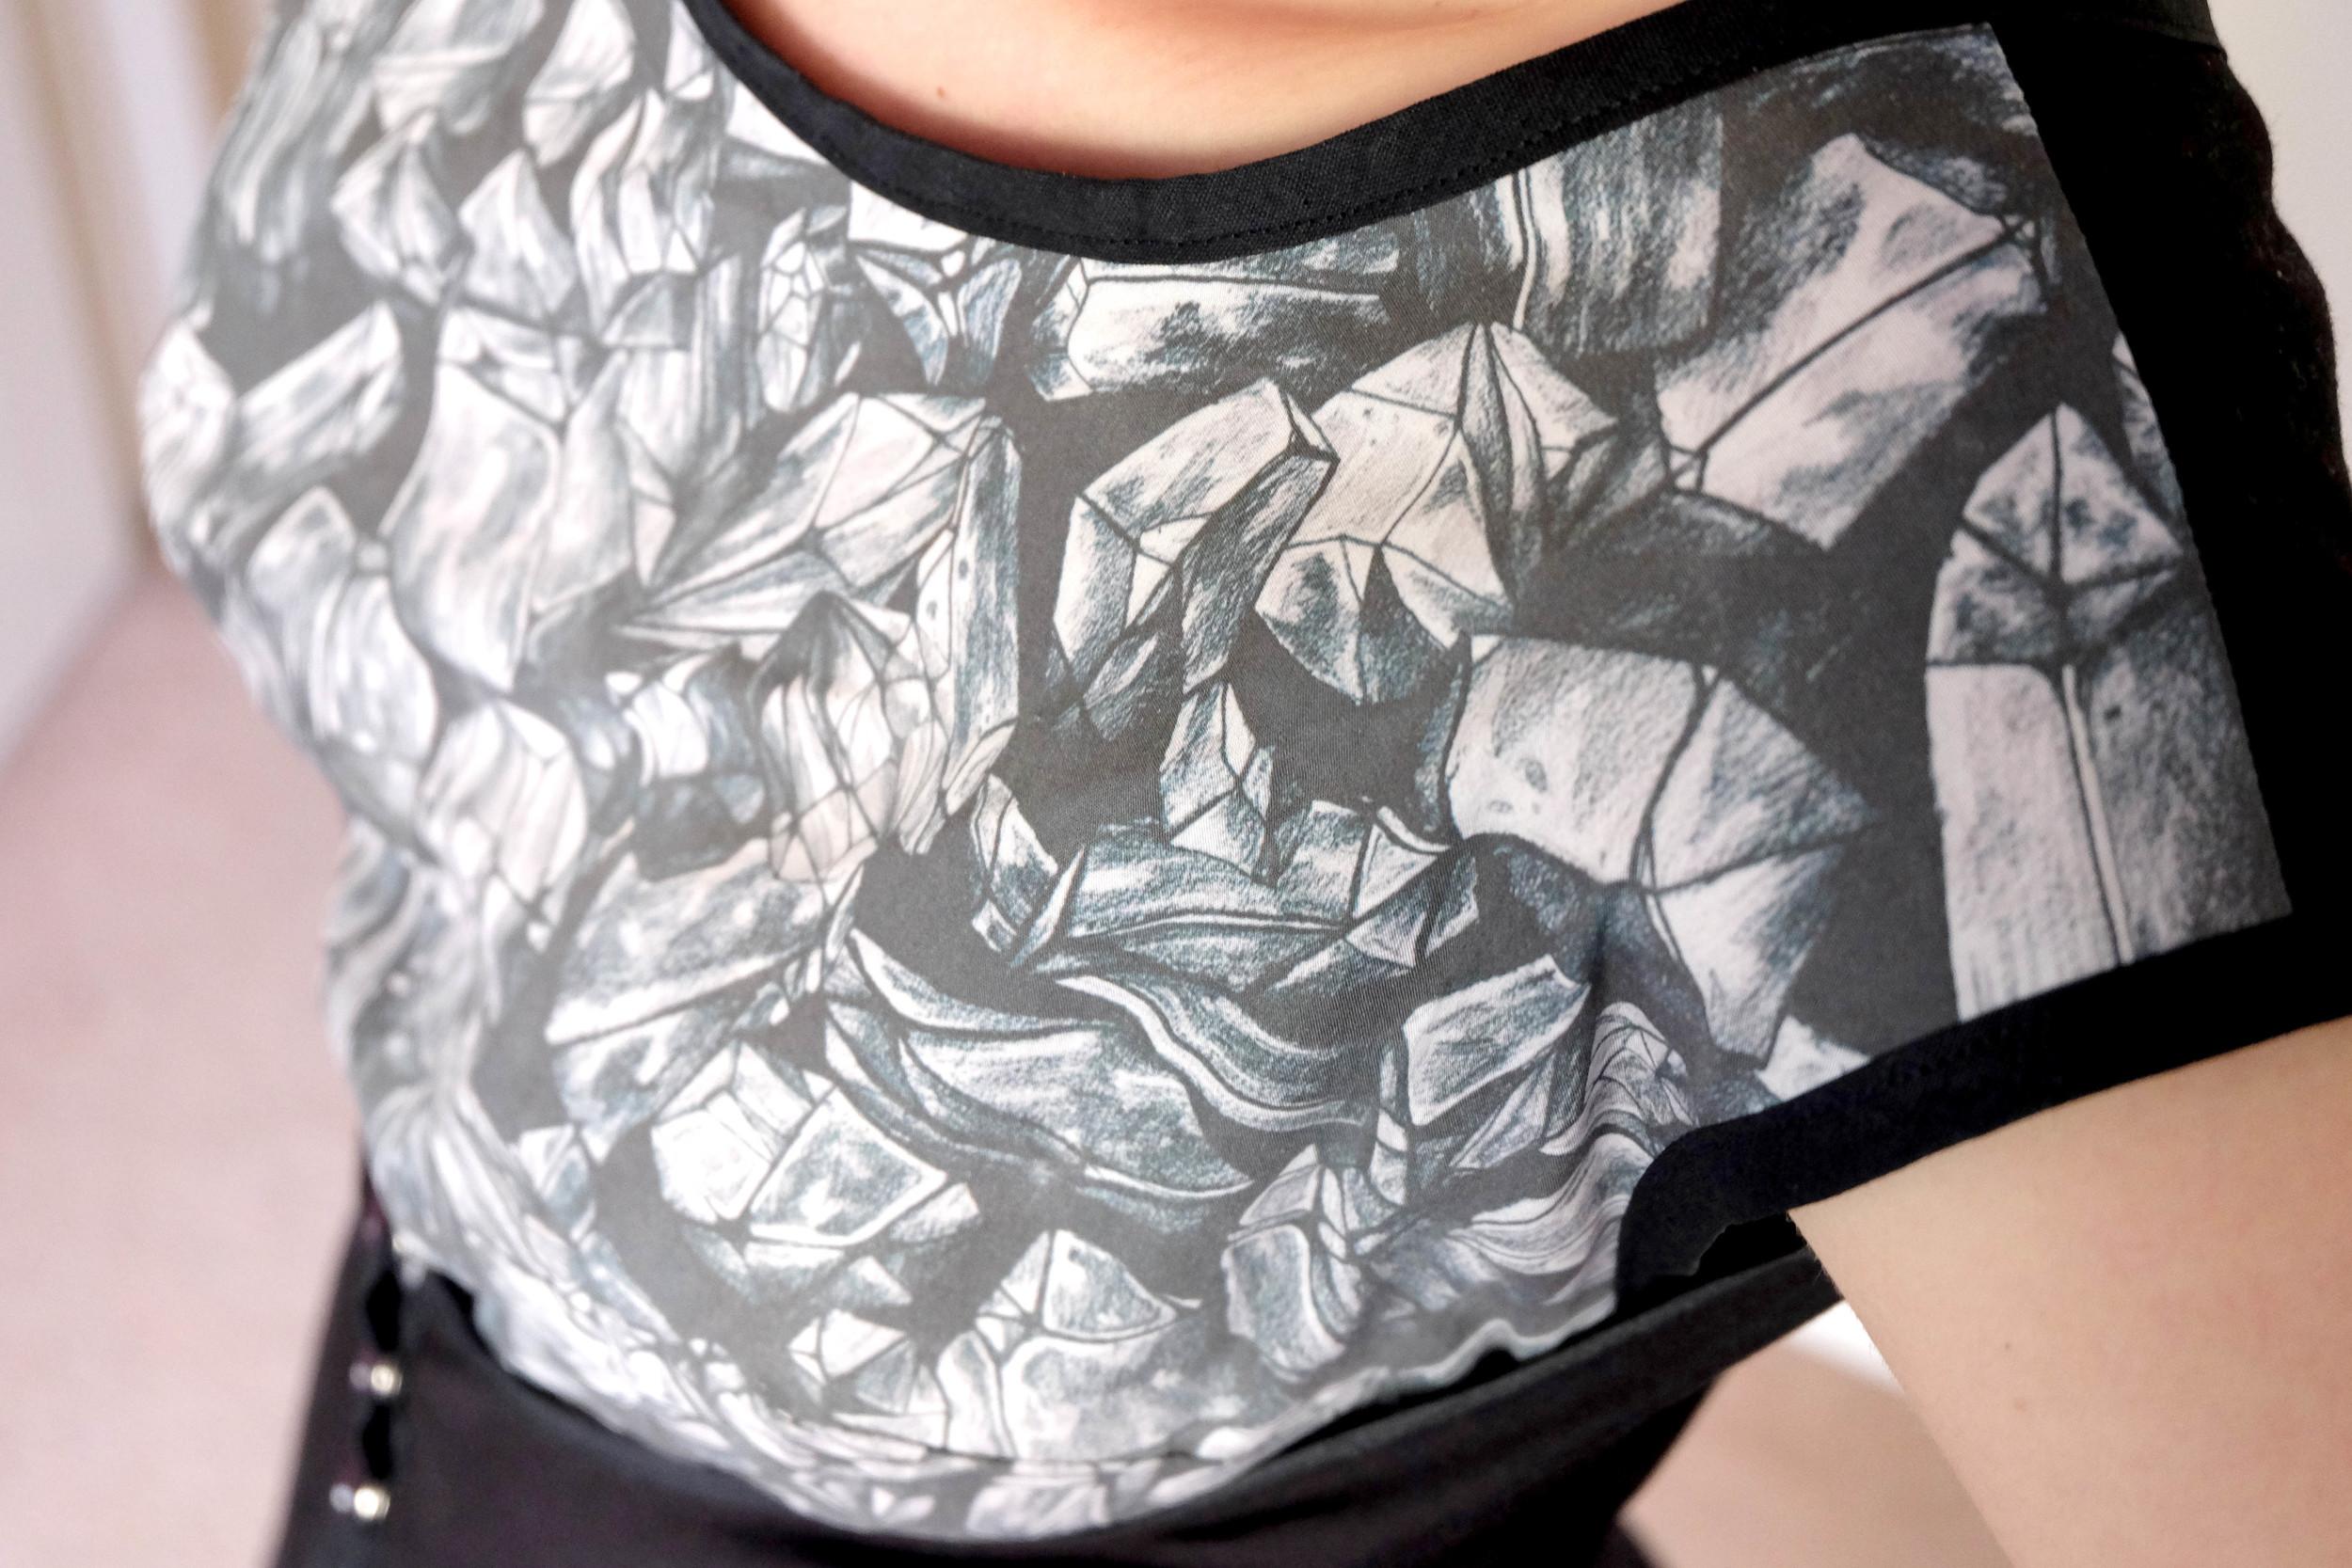 Misses Wrap Dress - bodice detail